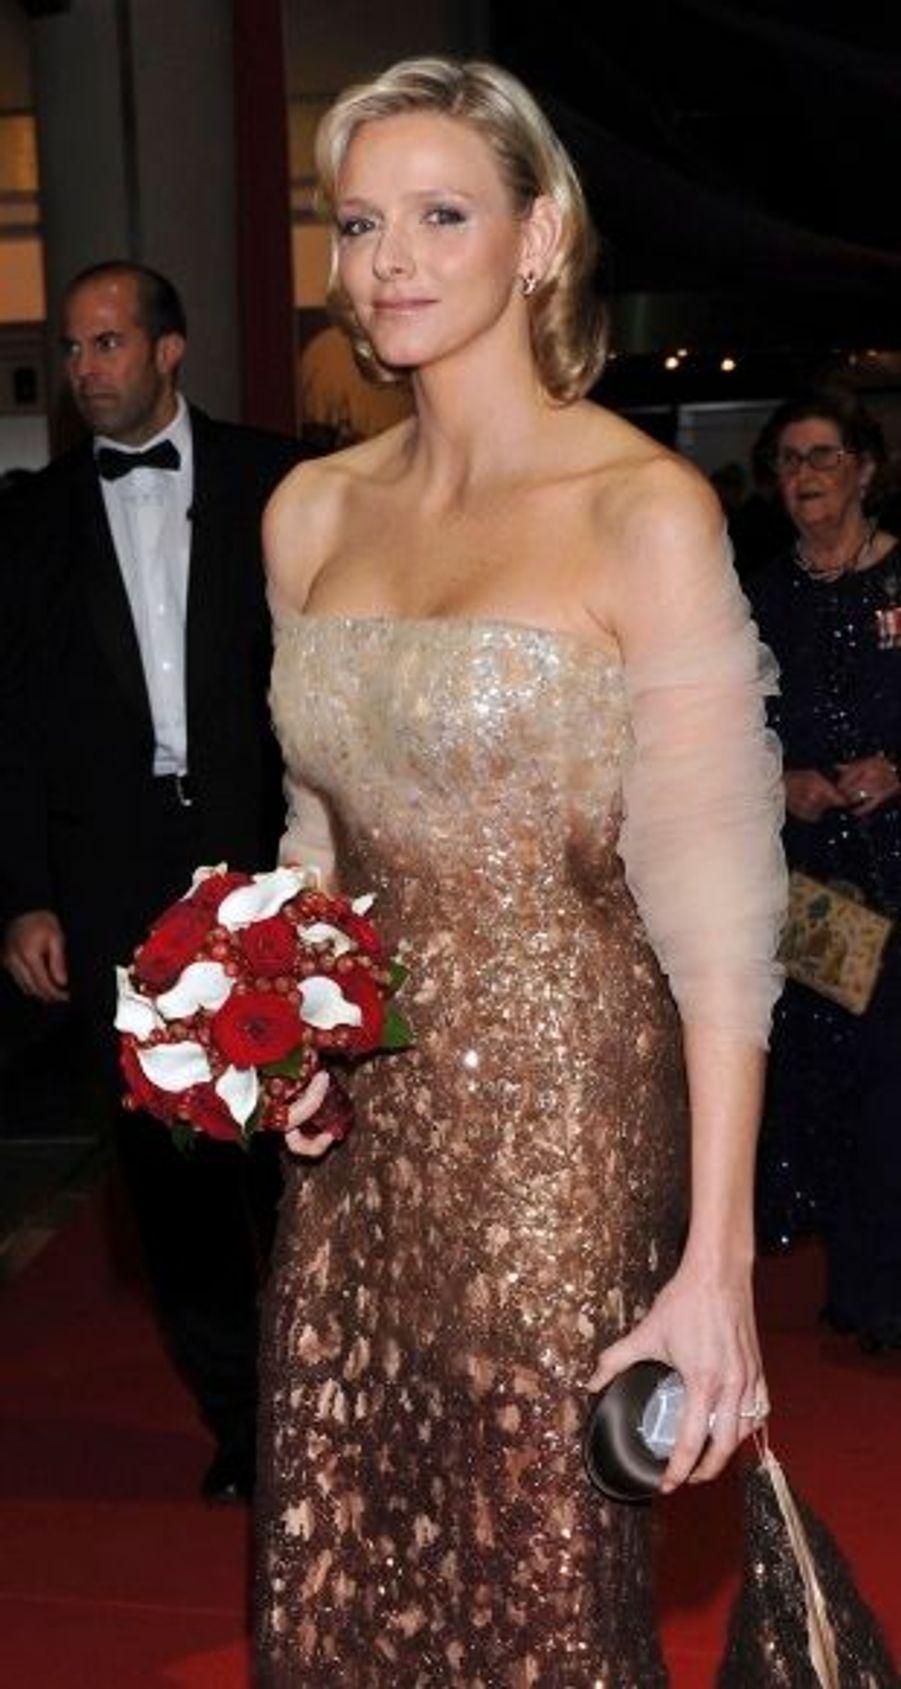 Elle avait également sollicité son couturier fétiche pour le gala organisé dans la soirée, portant une robe longue étincelante mordorée de la collection Armani Privé, adoucie par une étole rosée.